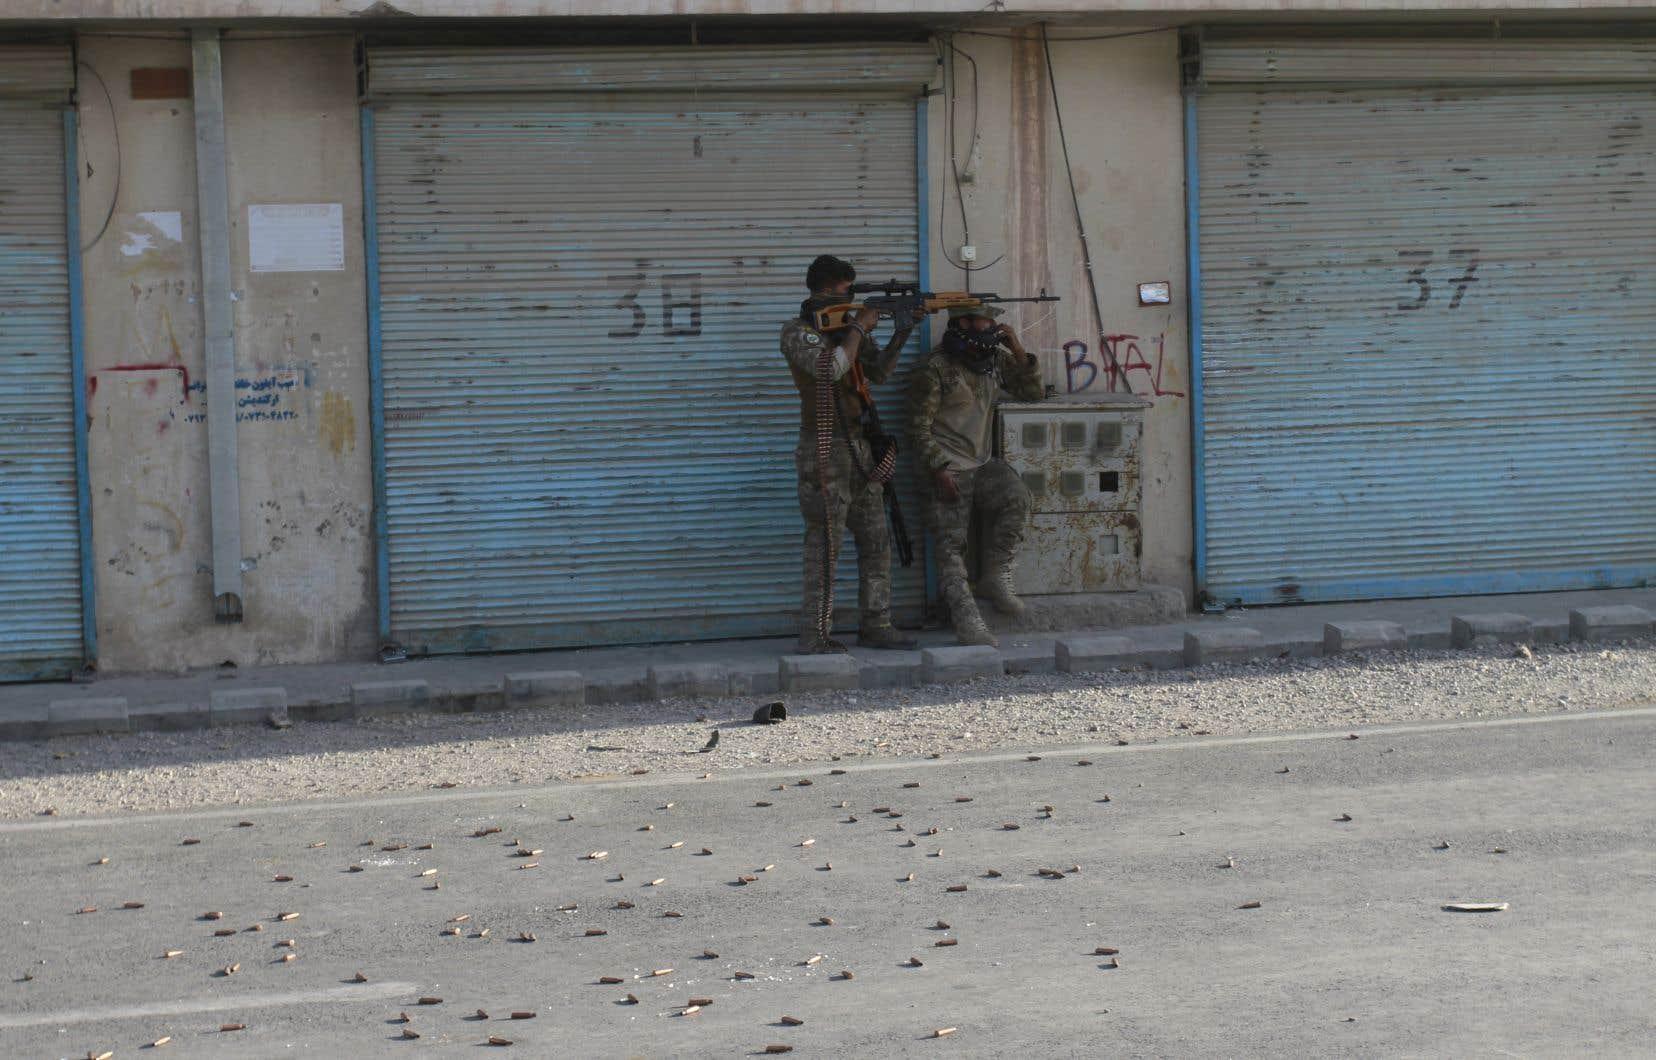 Les talibans mènent depuis trois mois une offensive tous azimuts contre les forces afghanes, à la faveur du retrait, désormais achevé, des forces internationales du pays.